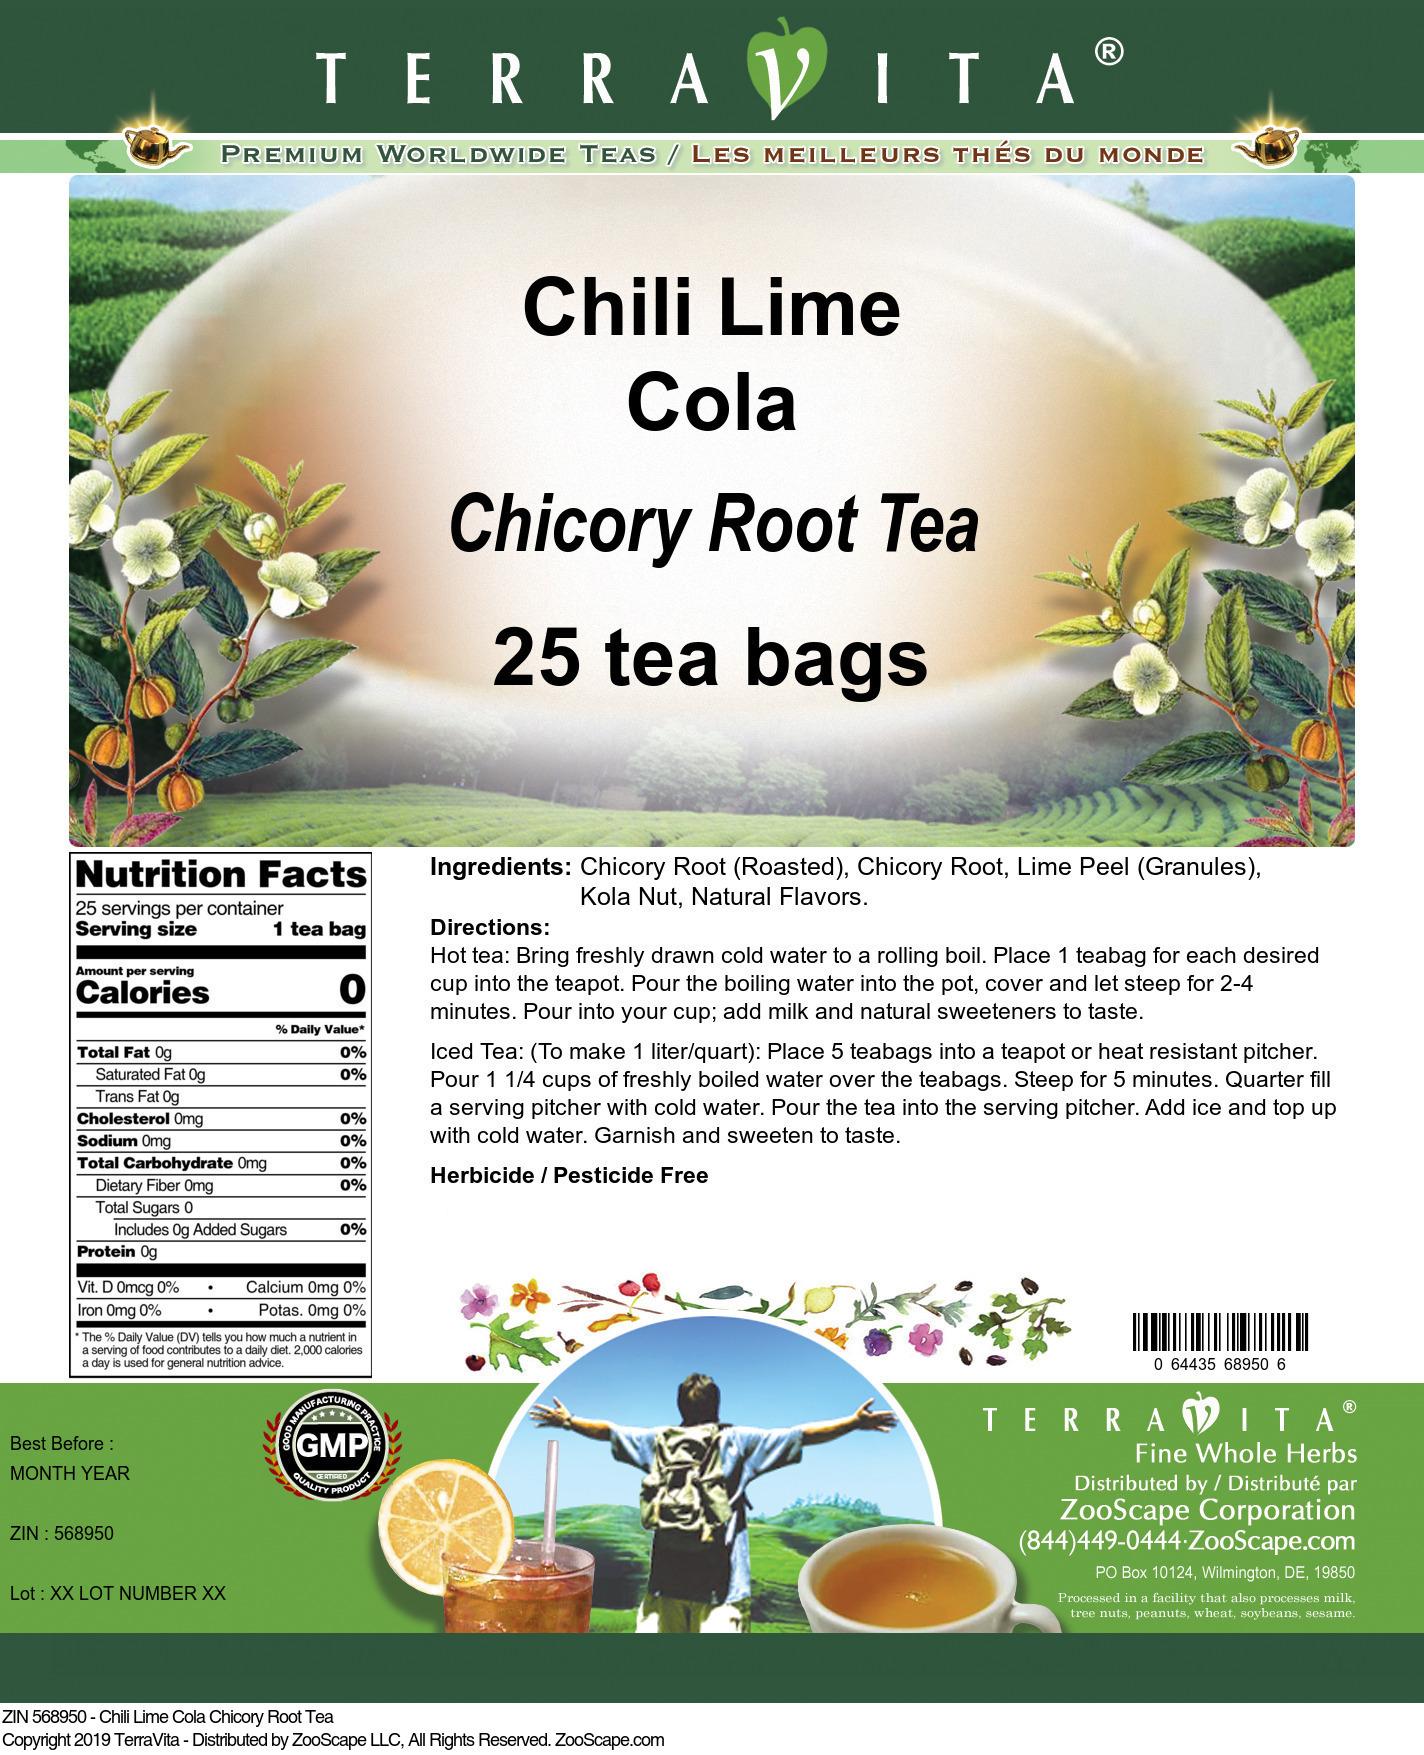 Chili Lime Cola Chicory Root Tea